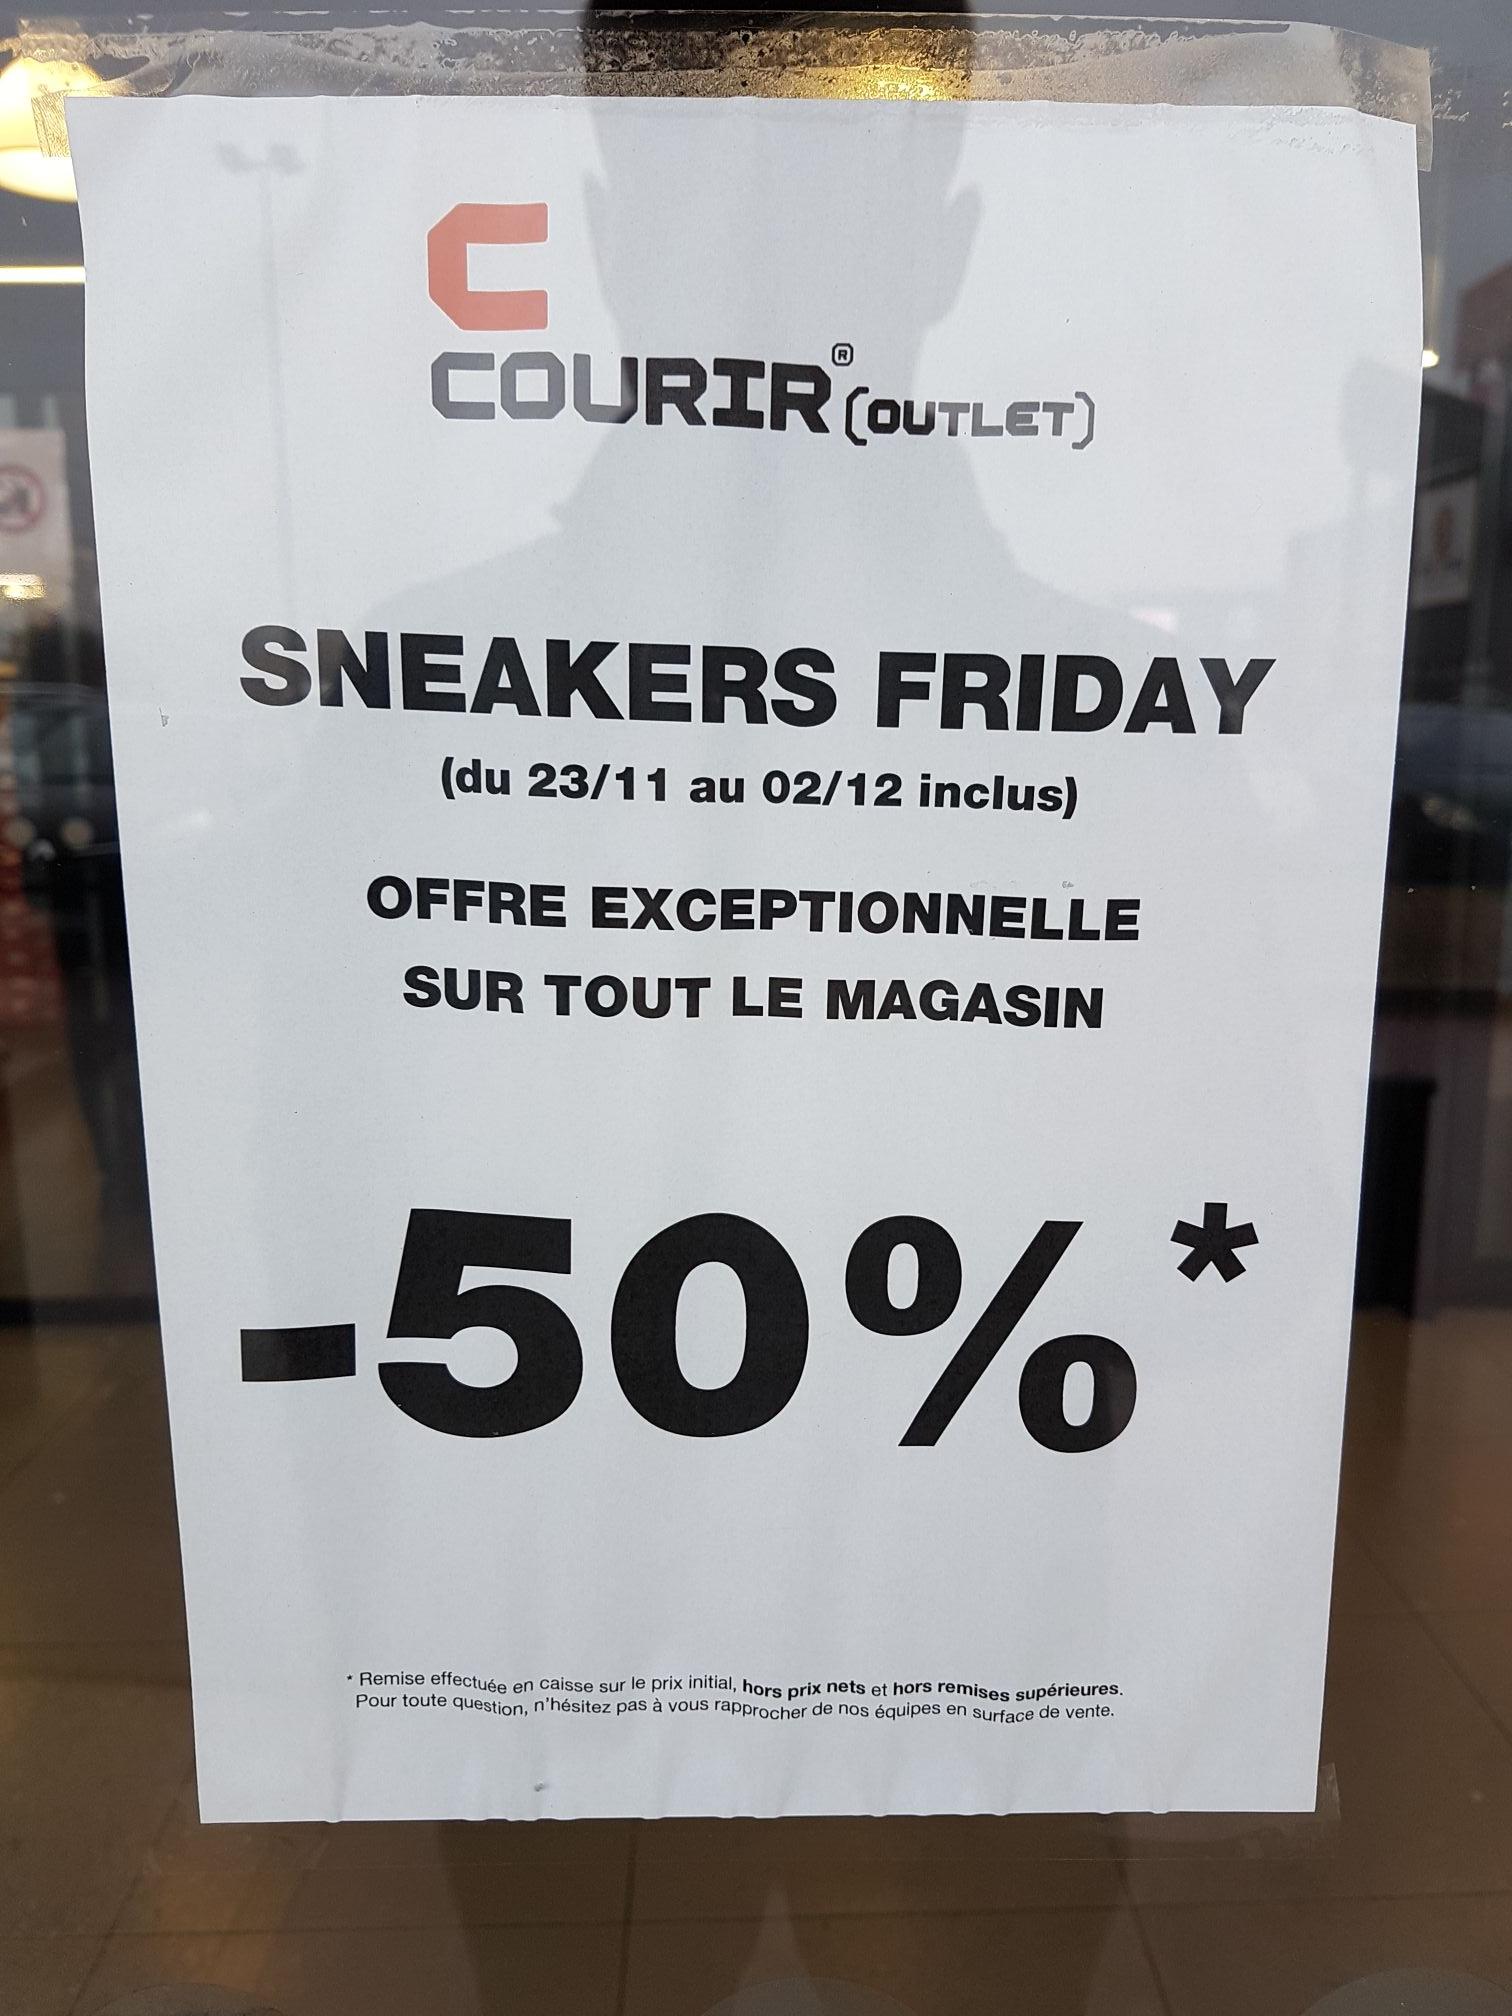 719e4319c6a -50% sur tout le magasin Courir Outlet - Sainte Geneviève-des-Bois (91)    Pantin (93)   Gonesse (95) – Dealabs.com